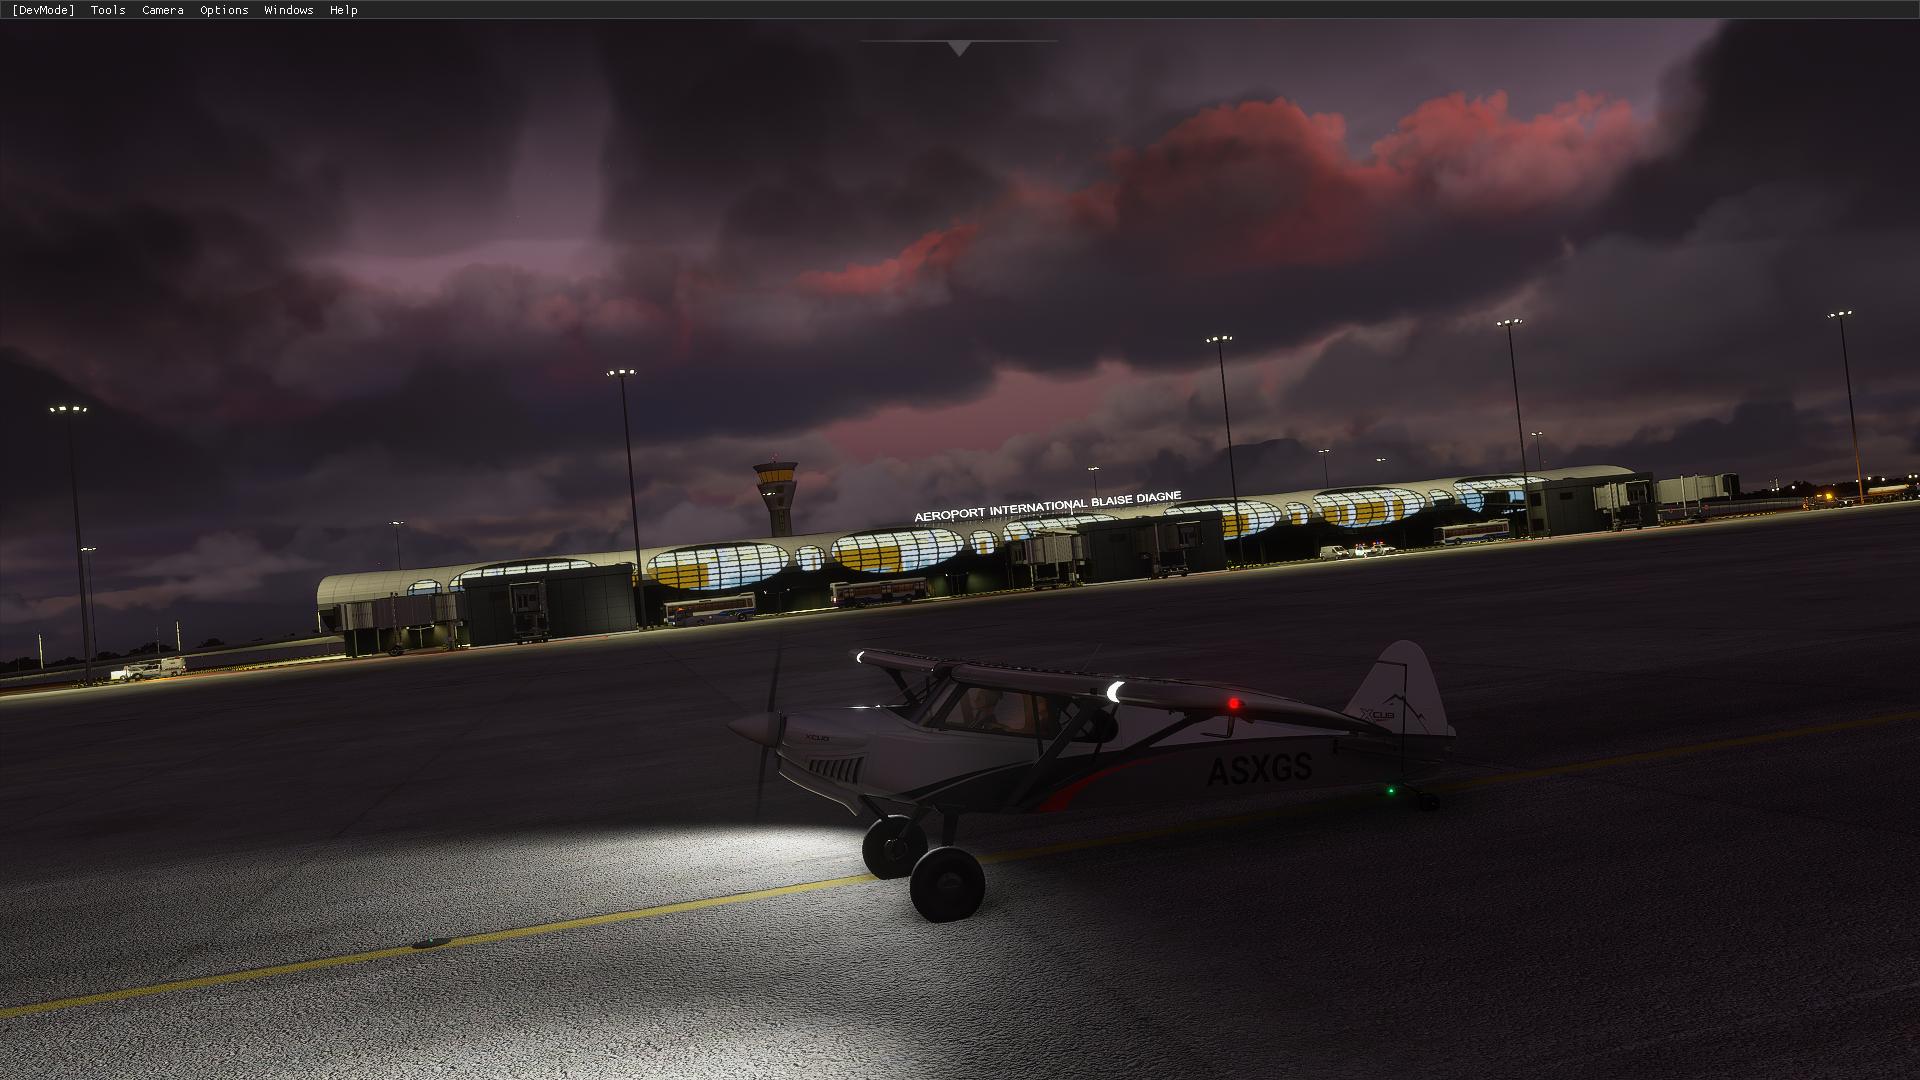 FlightSimulator 2020-09-27 20-37-11-13.png